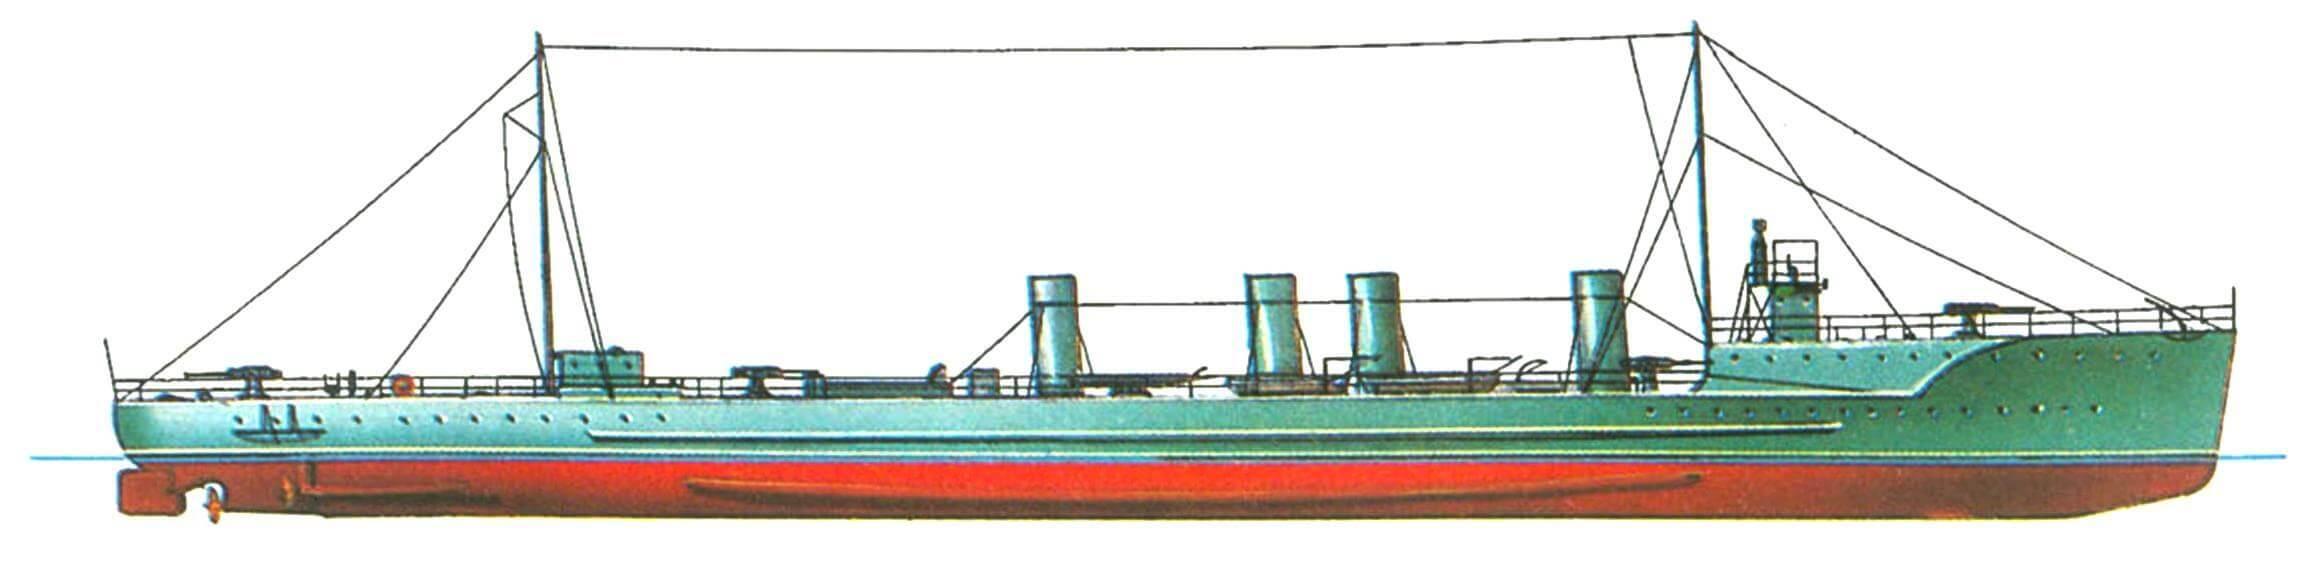 149. Эскадренный миноносец DD-17 «СМИТ», США, 1909 г.